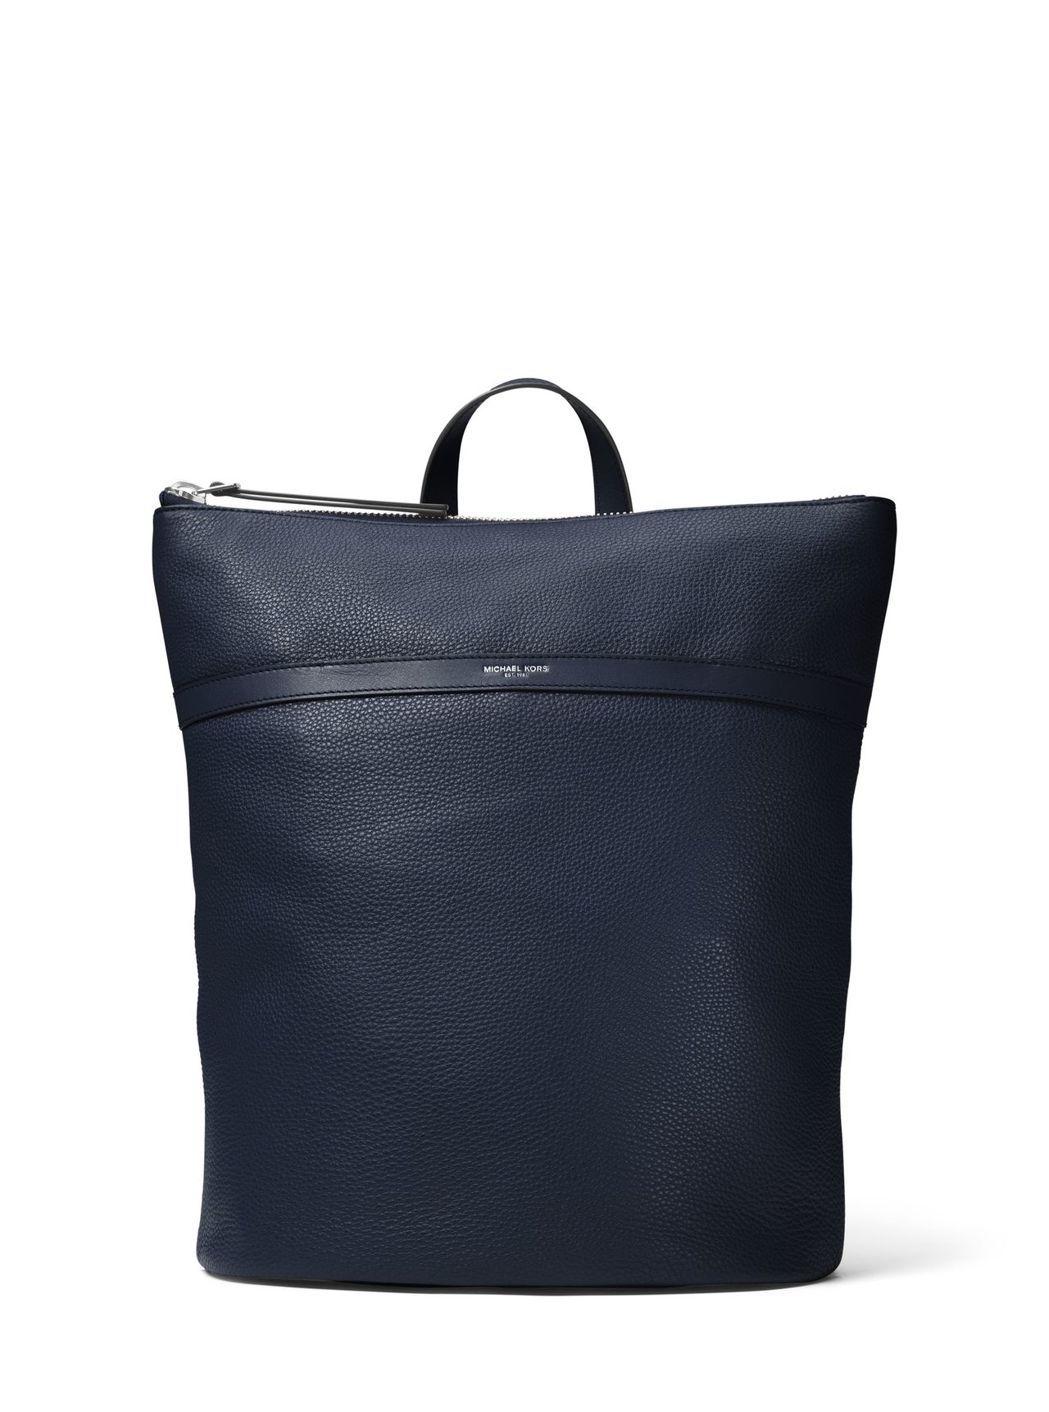 Jeremy深藍色後背包,售價35,500元。圖/MICHAEL KORS提供